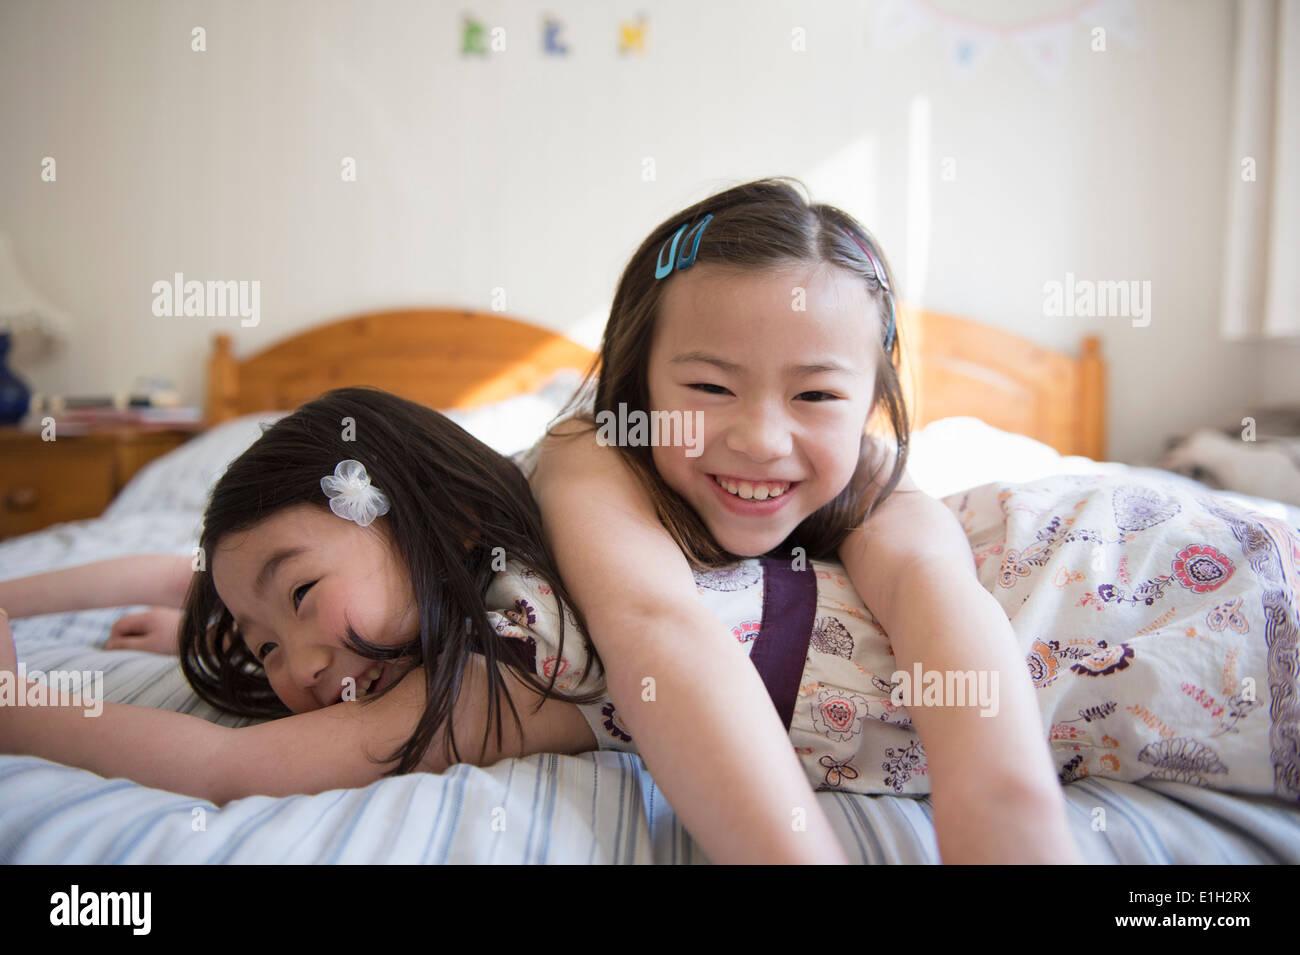 Dois jovens do sexo feminino amigos deitado na cama Imagens de Stock